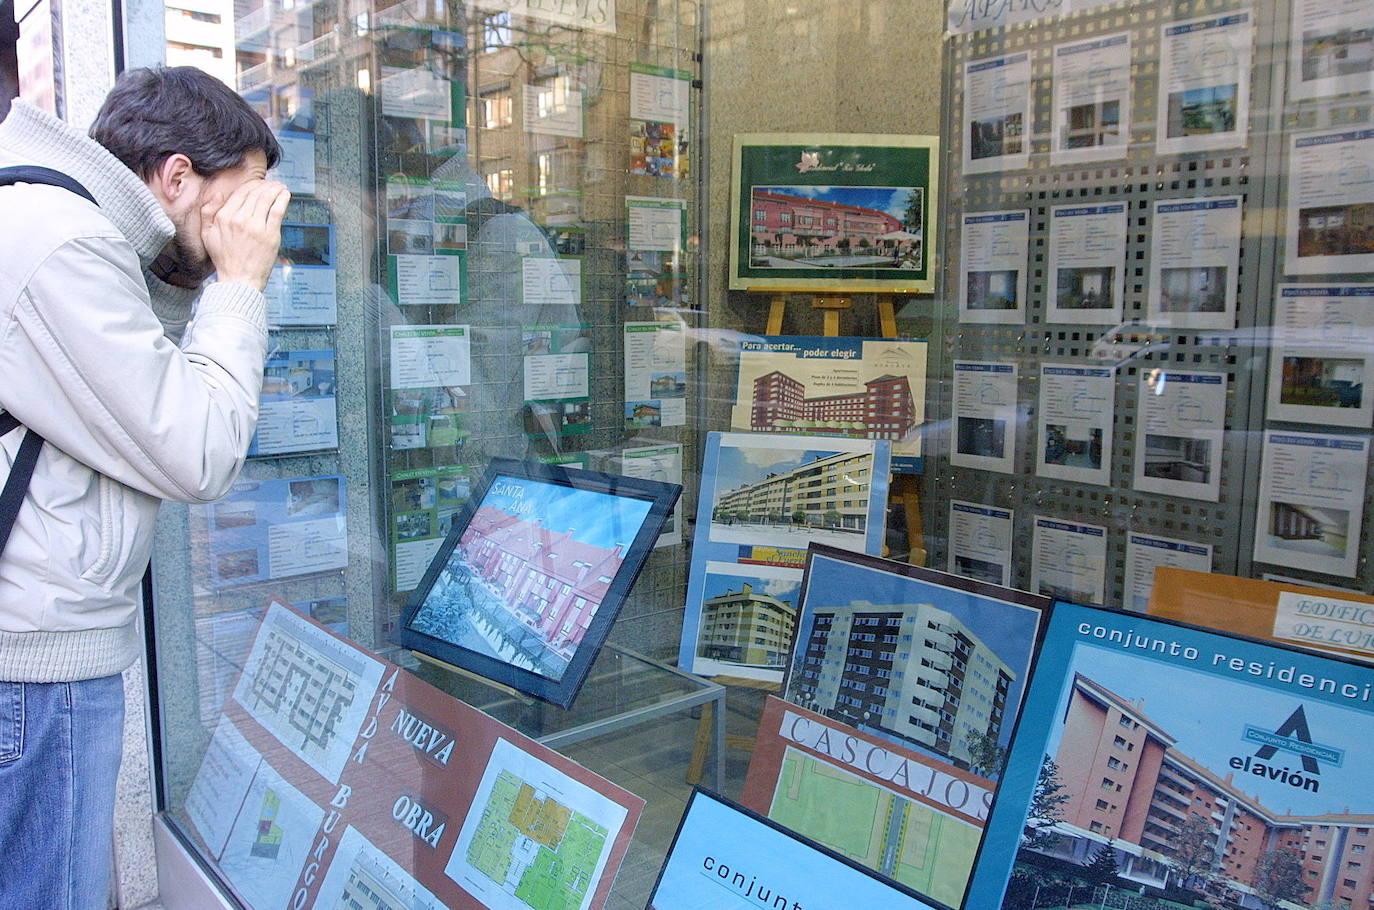 El frenazo inmobiliario se acentúa en Euskadi con una caída del 29% en la compraventa de pisos